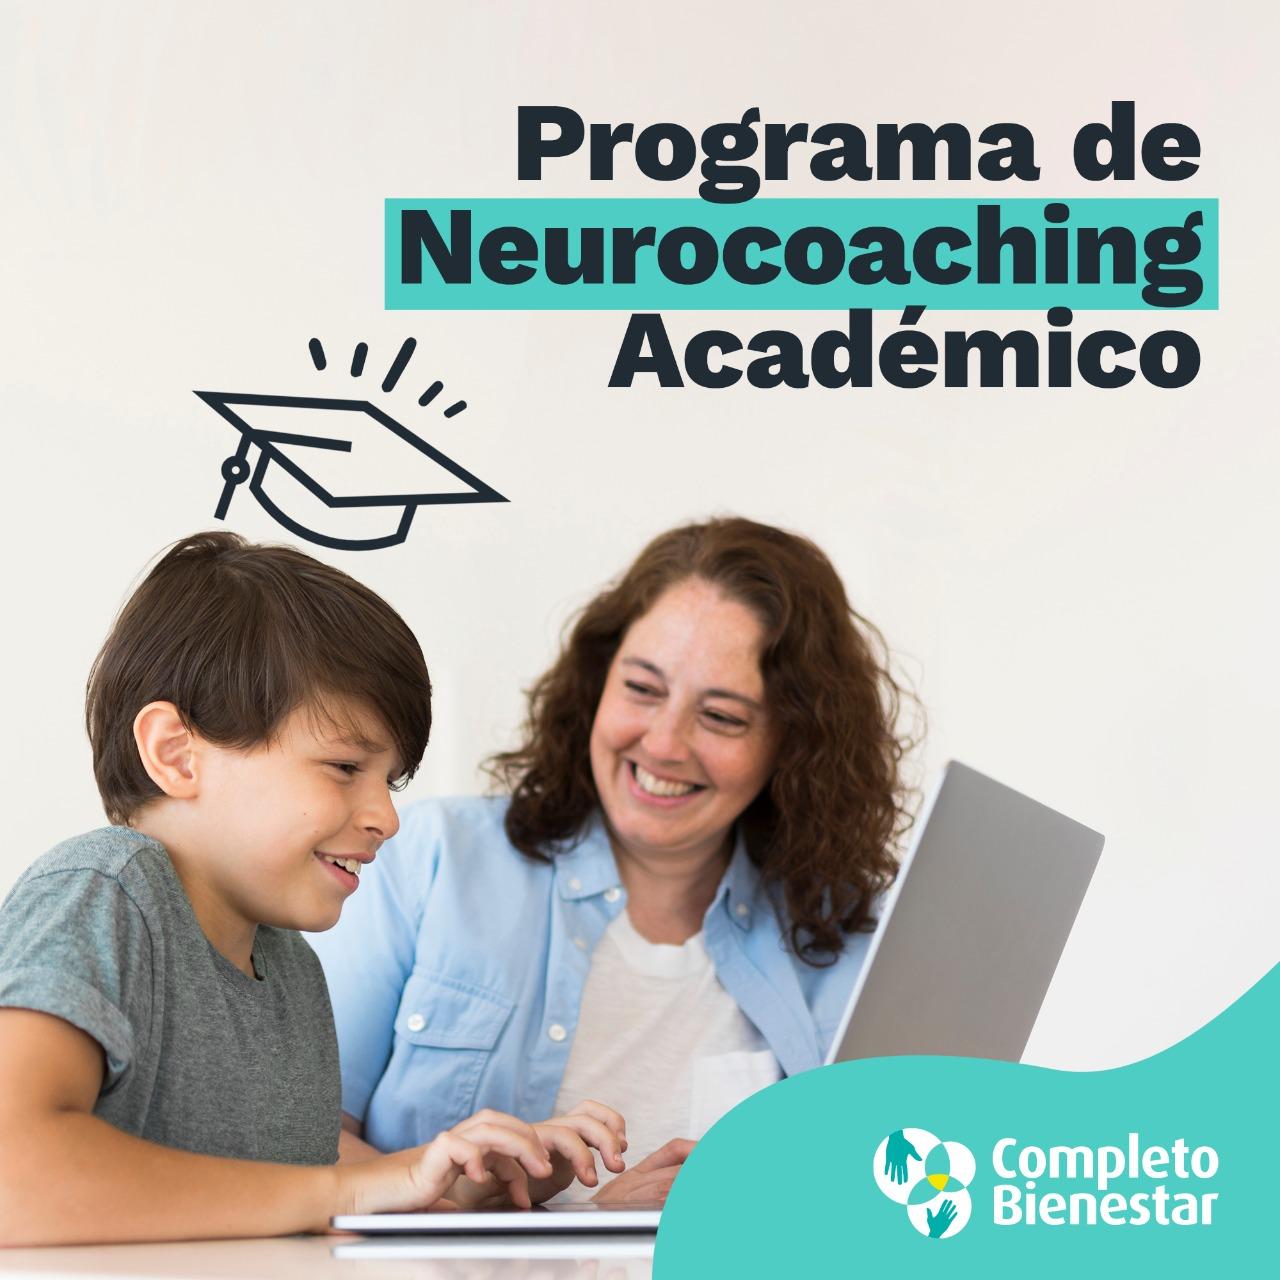 Programa de Neurocoaching Académico